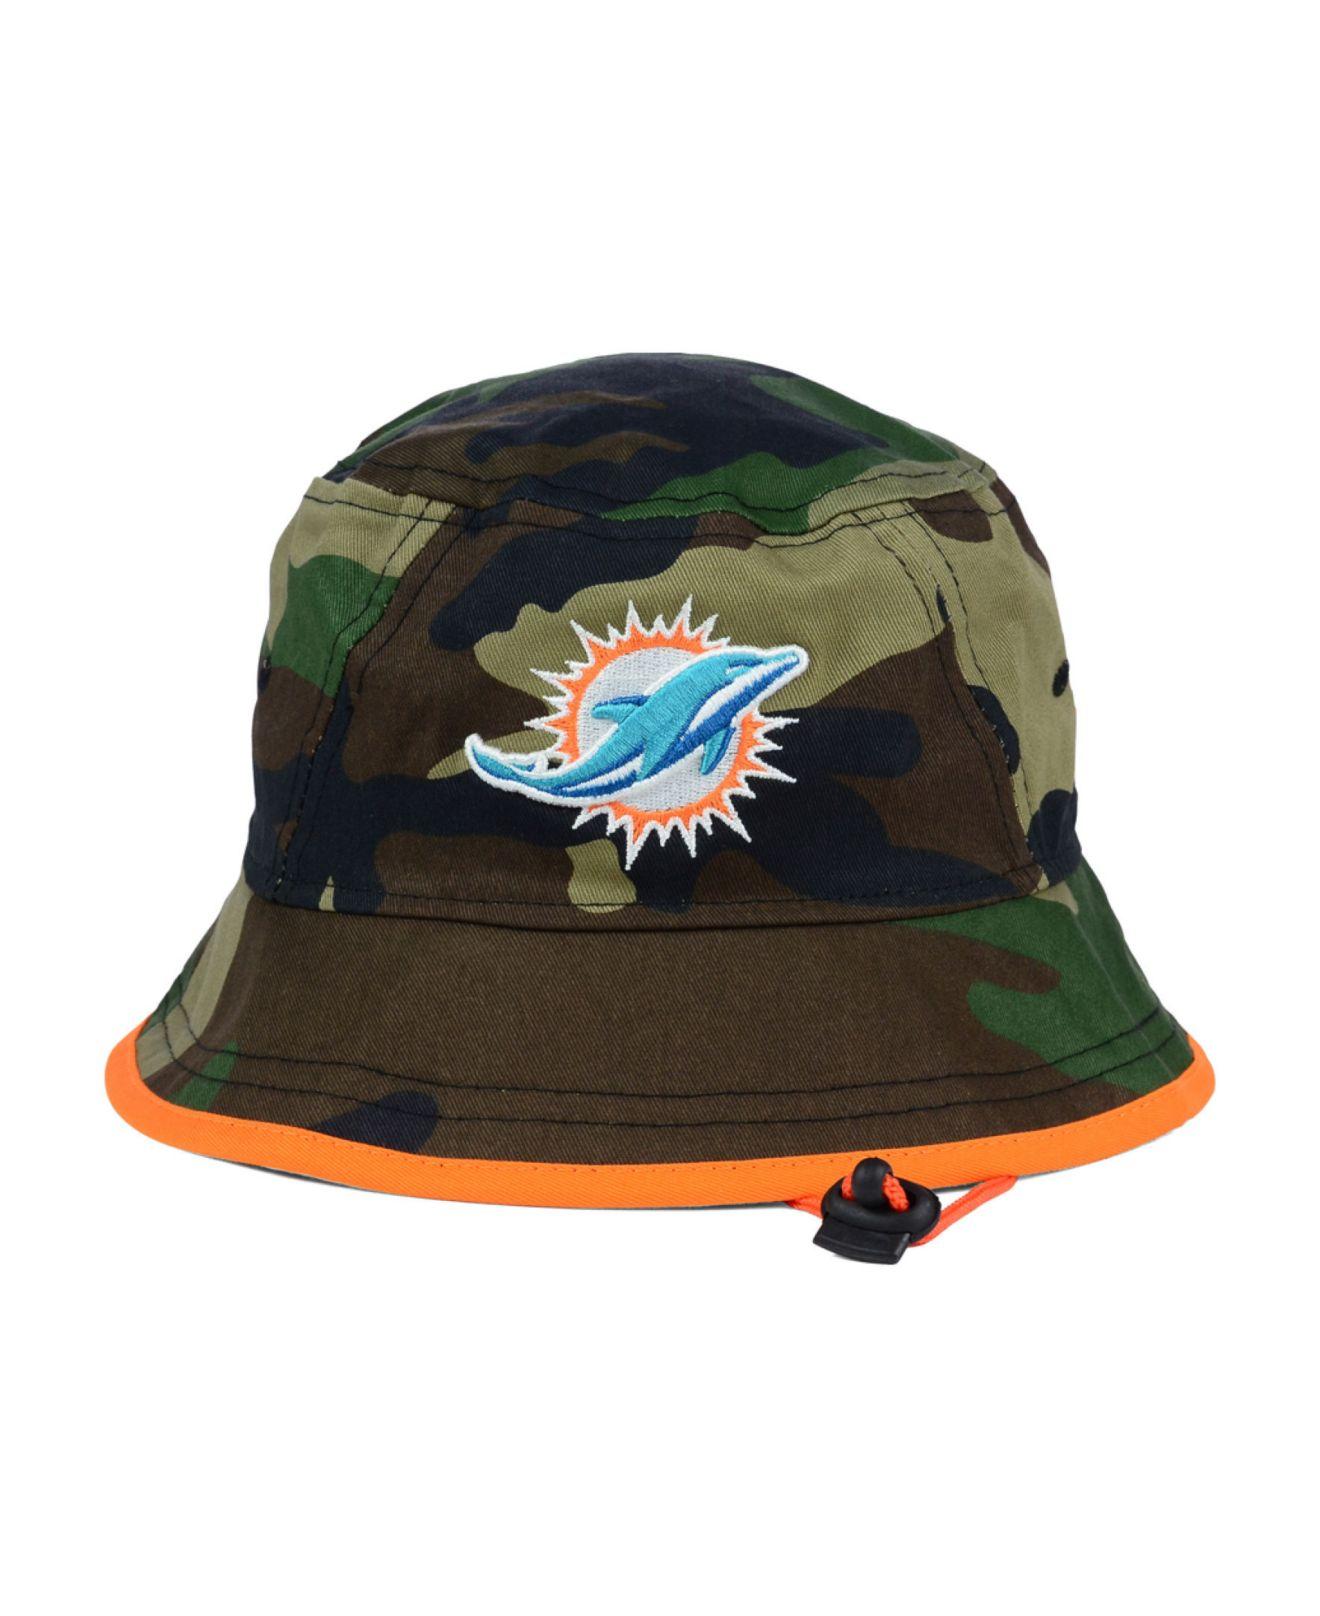 400b0f65 store miami dolphins army hat 4000 265a7 a5edb